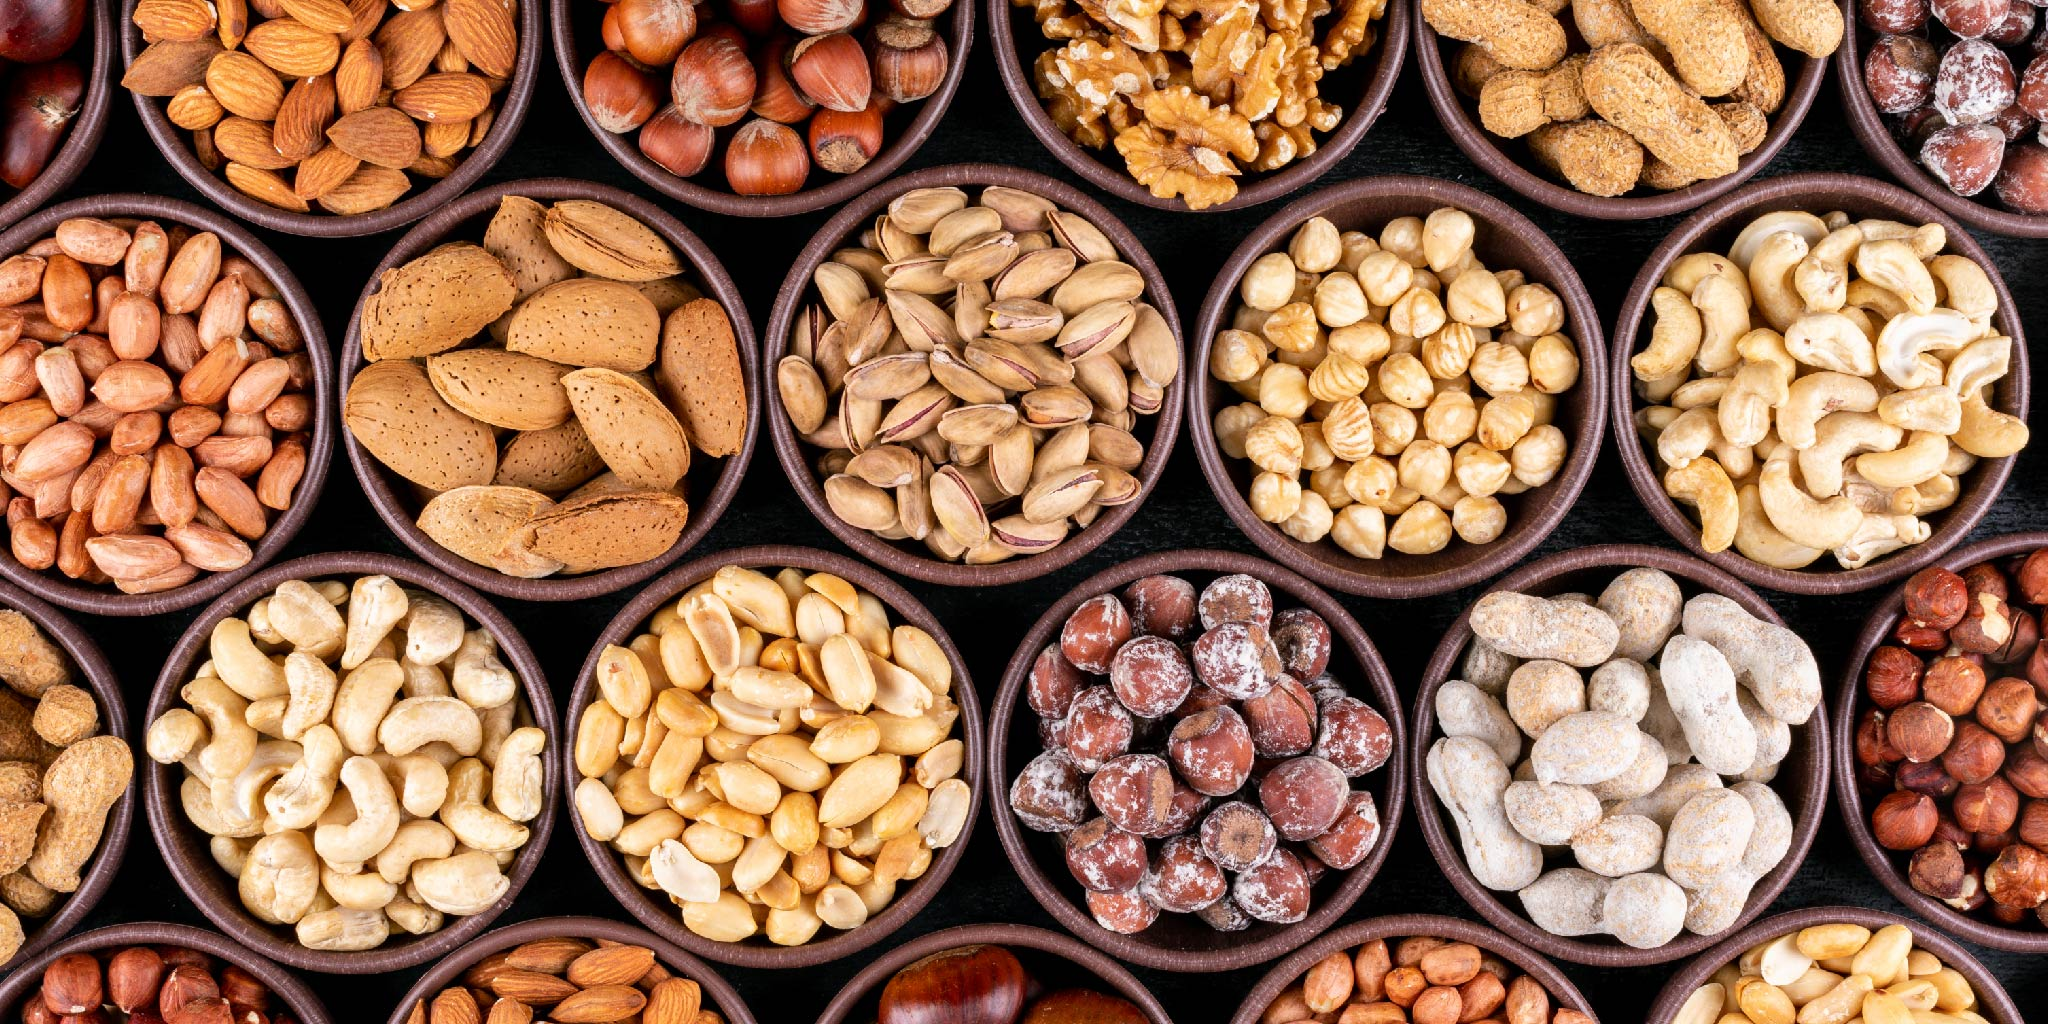 Frutos secos en granel Aesekol distribución internacional